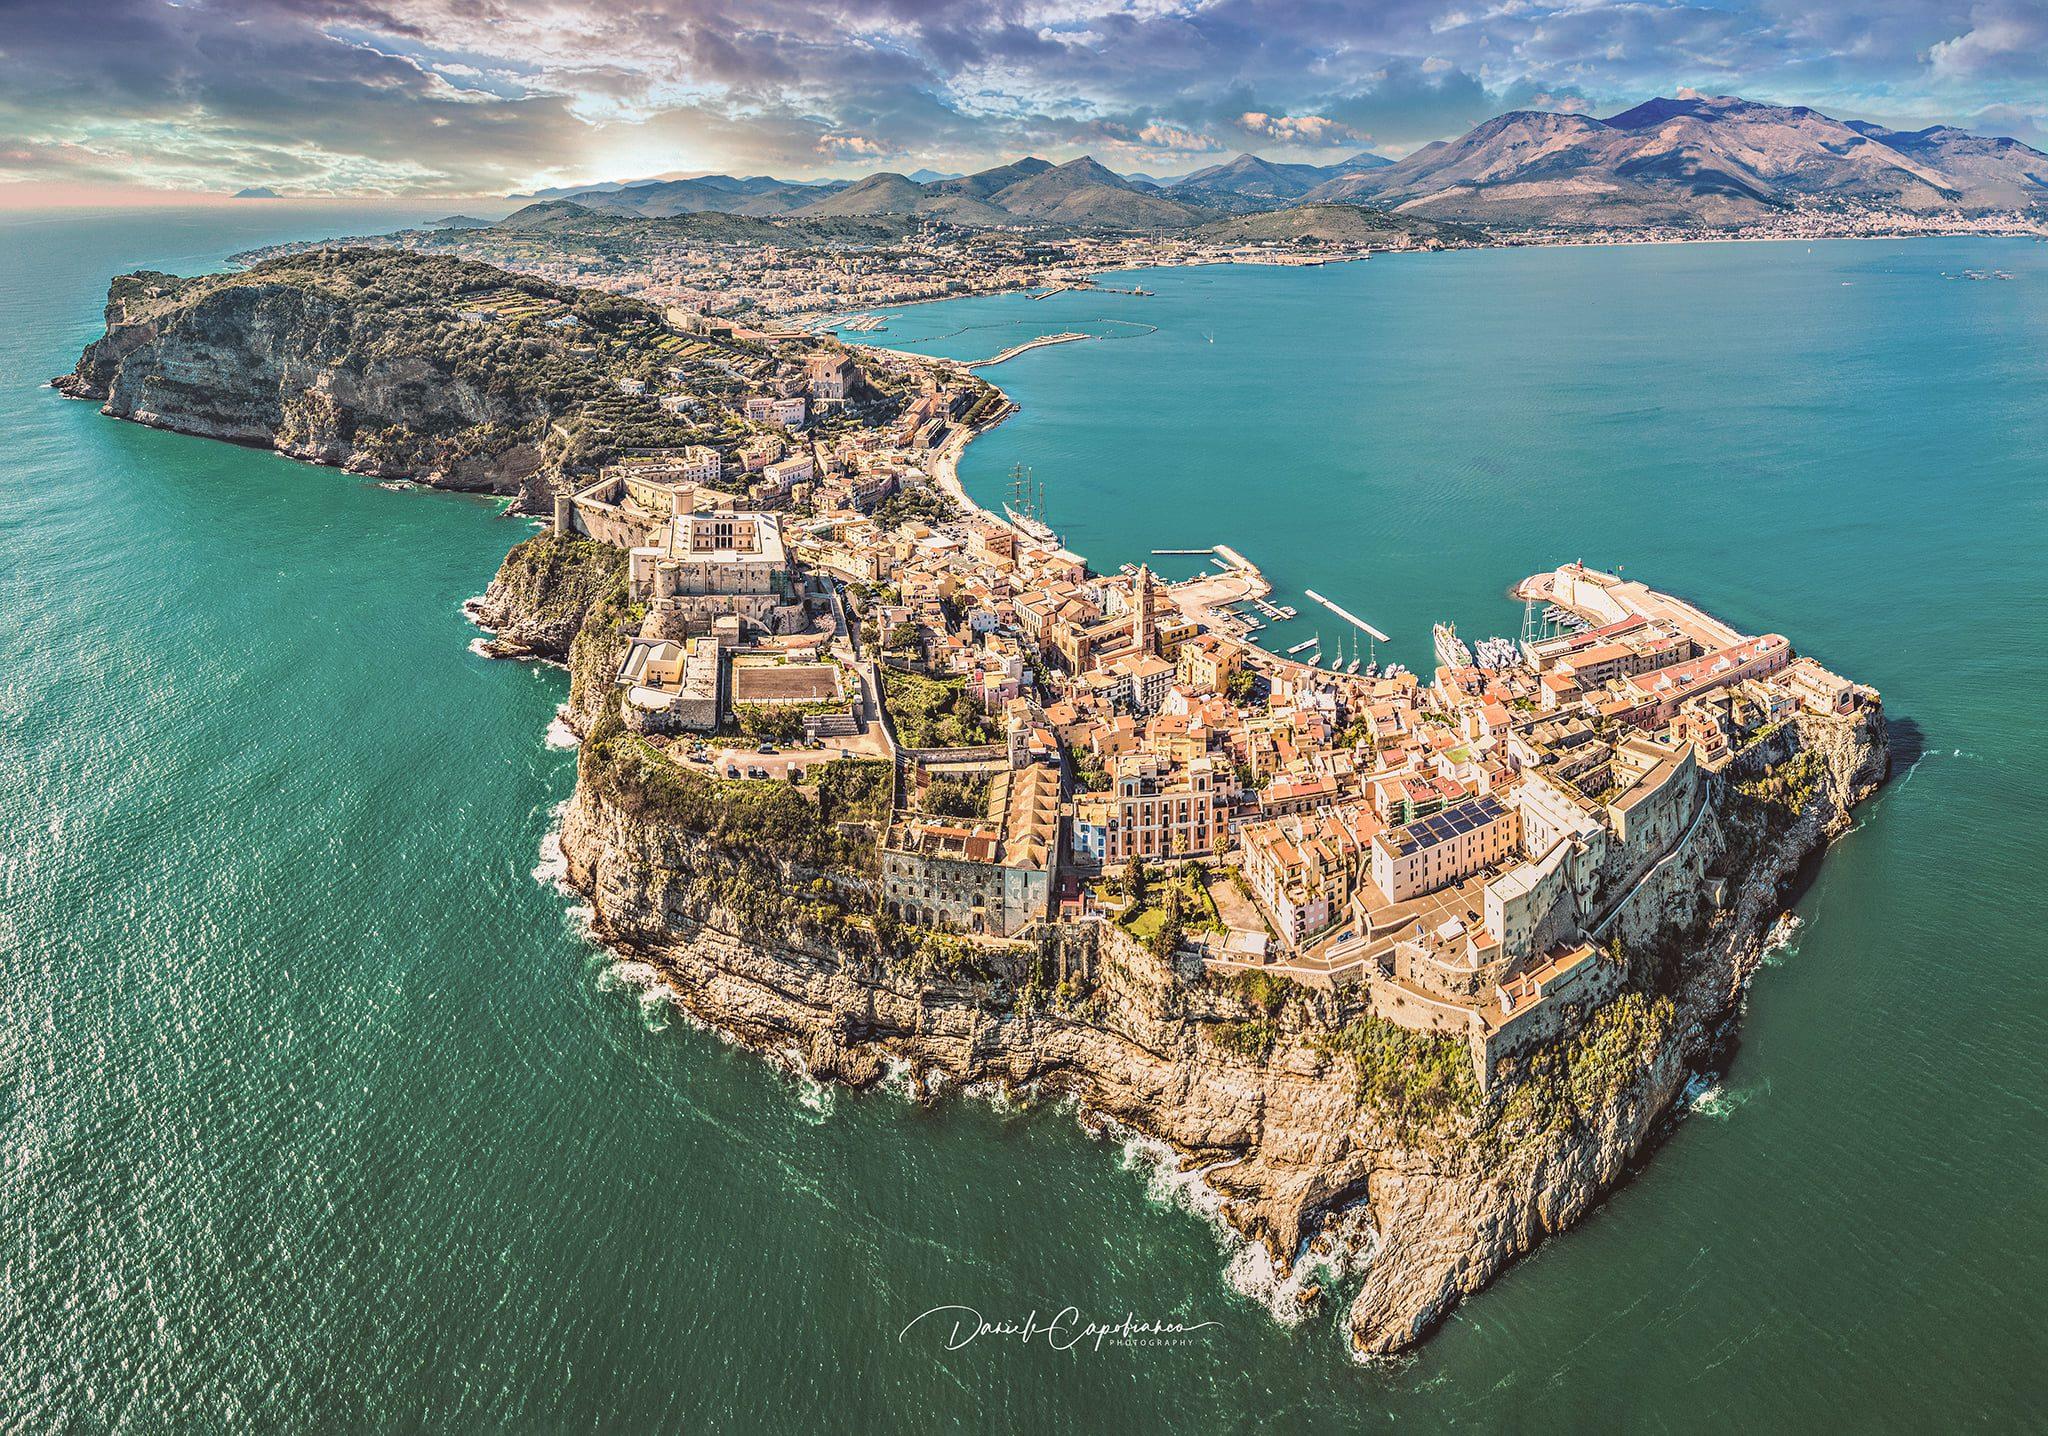 Gaeta-Patrimonio-dell-UNESCO-presentata-la-candidatura